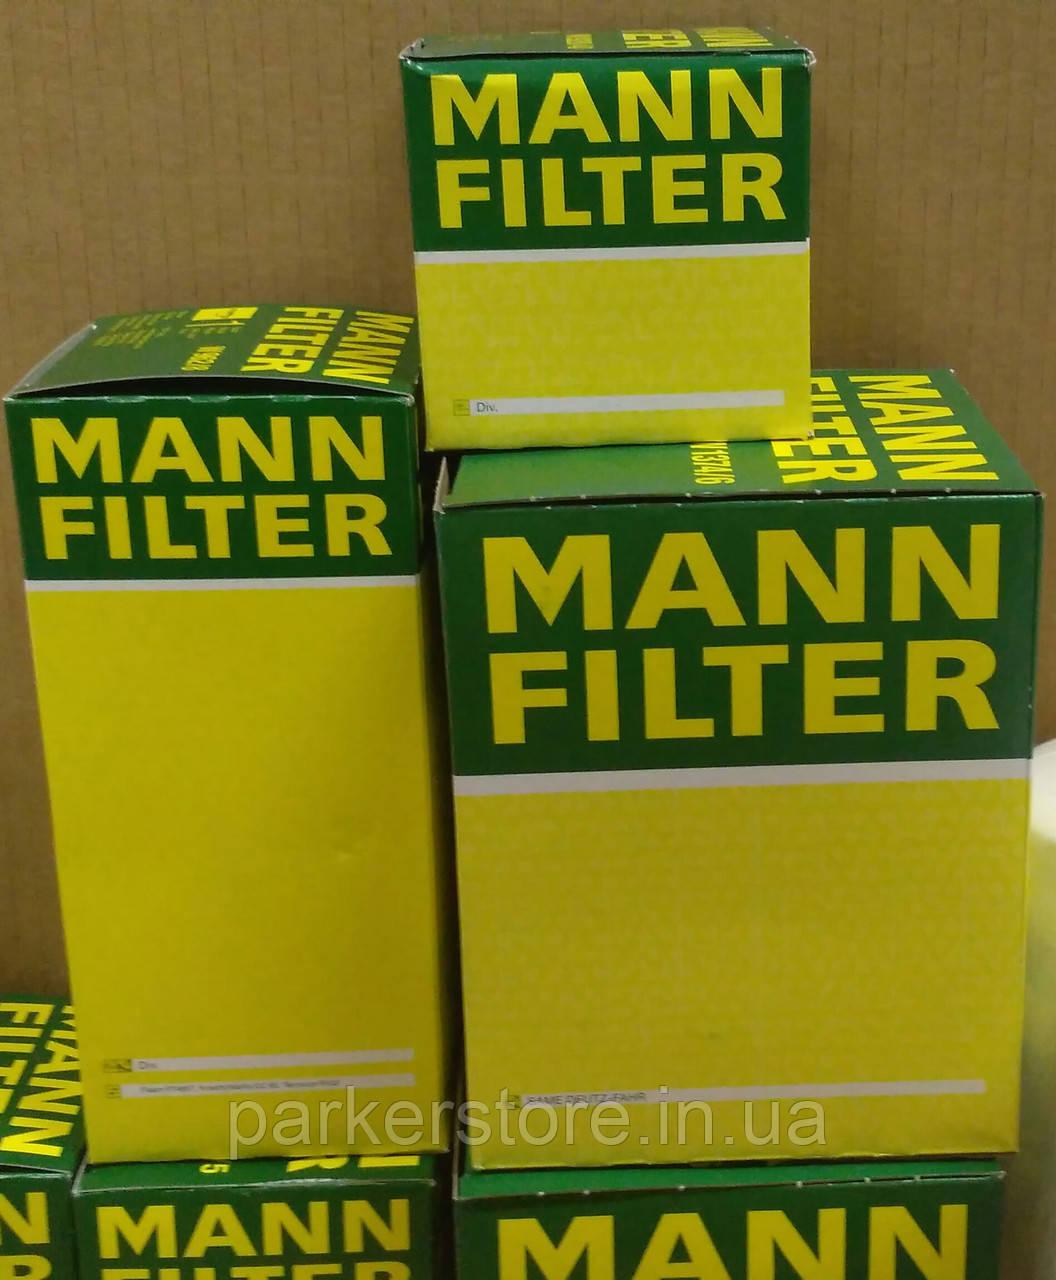 MANN FILTER / Повітряний фільтр / C 2667/1 / C2667/1